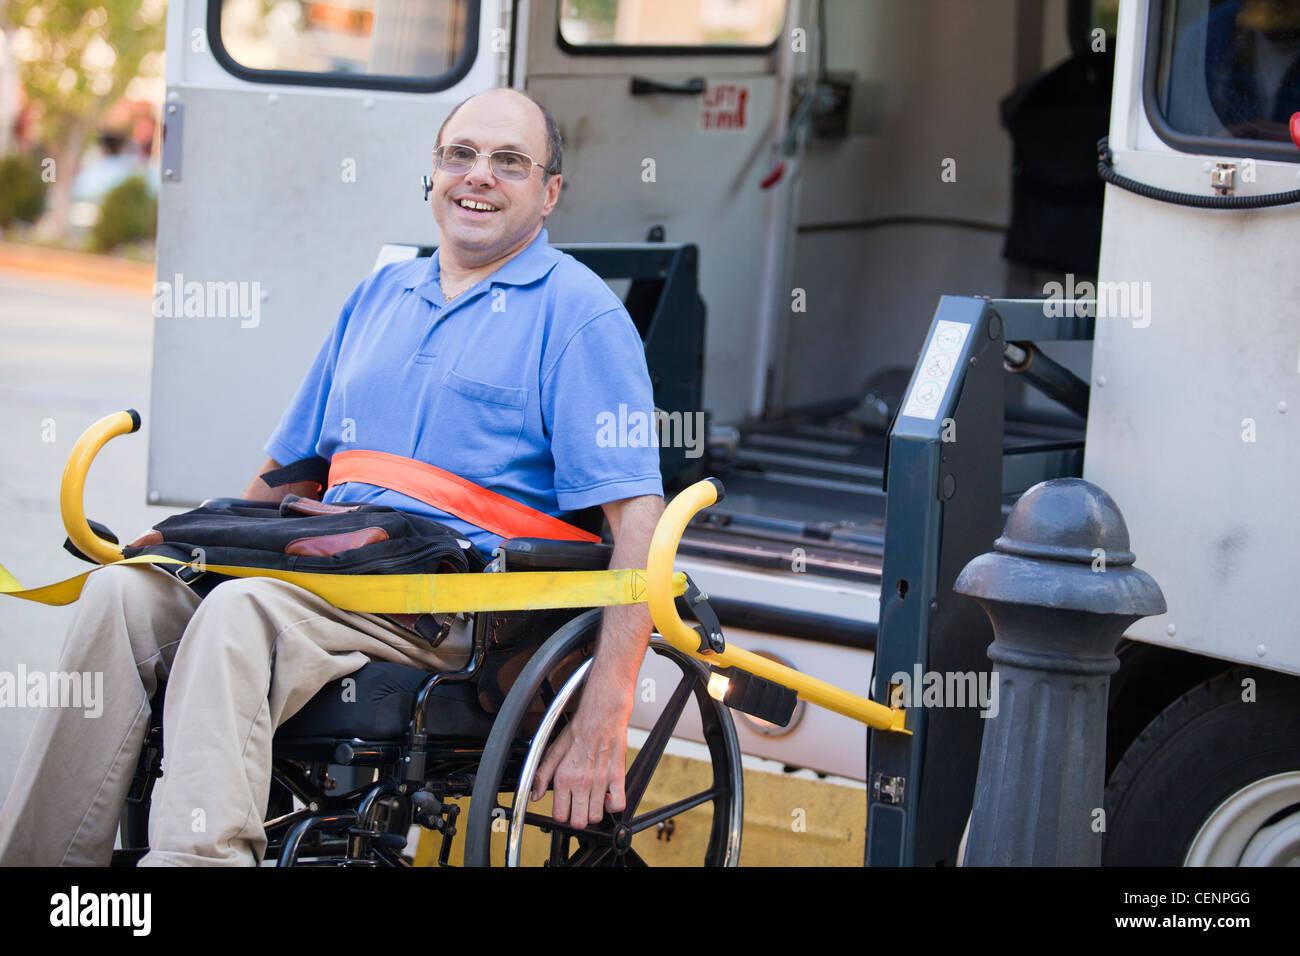 paraplegic stockfotos paraplegic bilder alamy. Black Bedroom Furniture Sets. Home Design Ideas